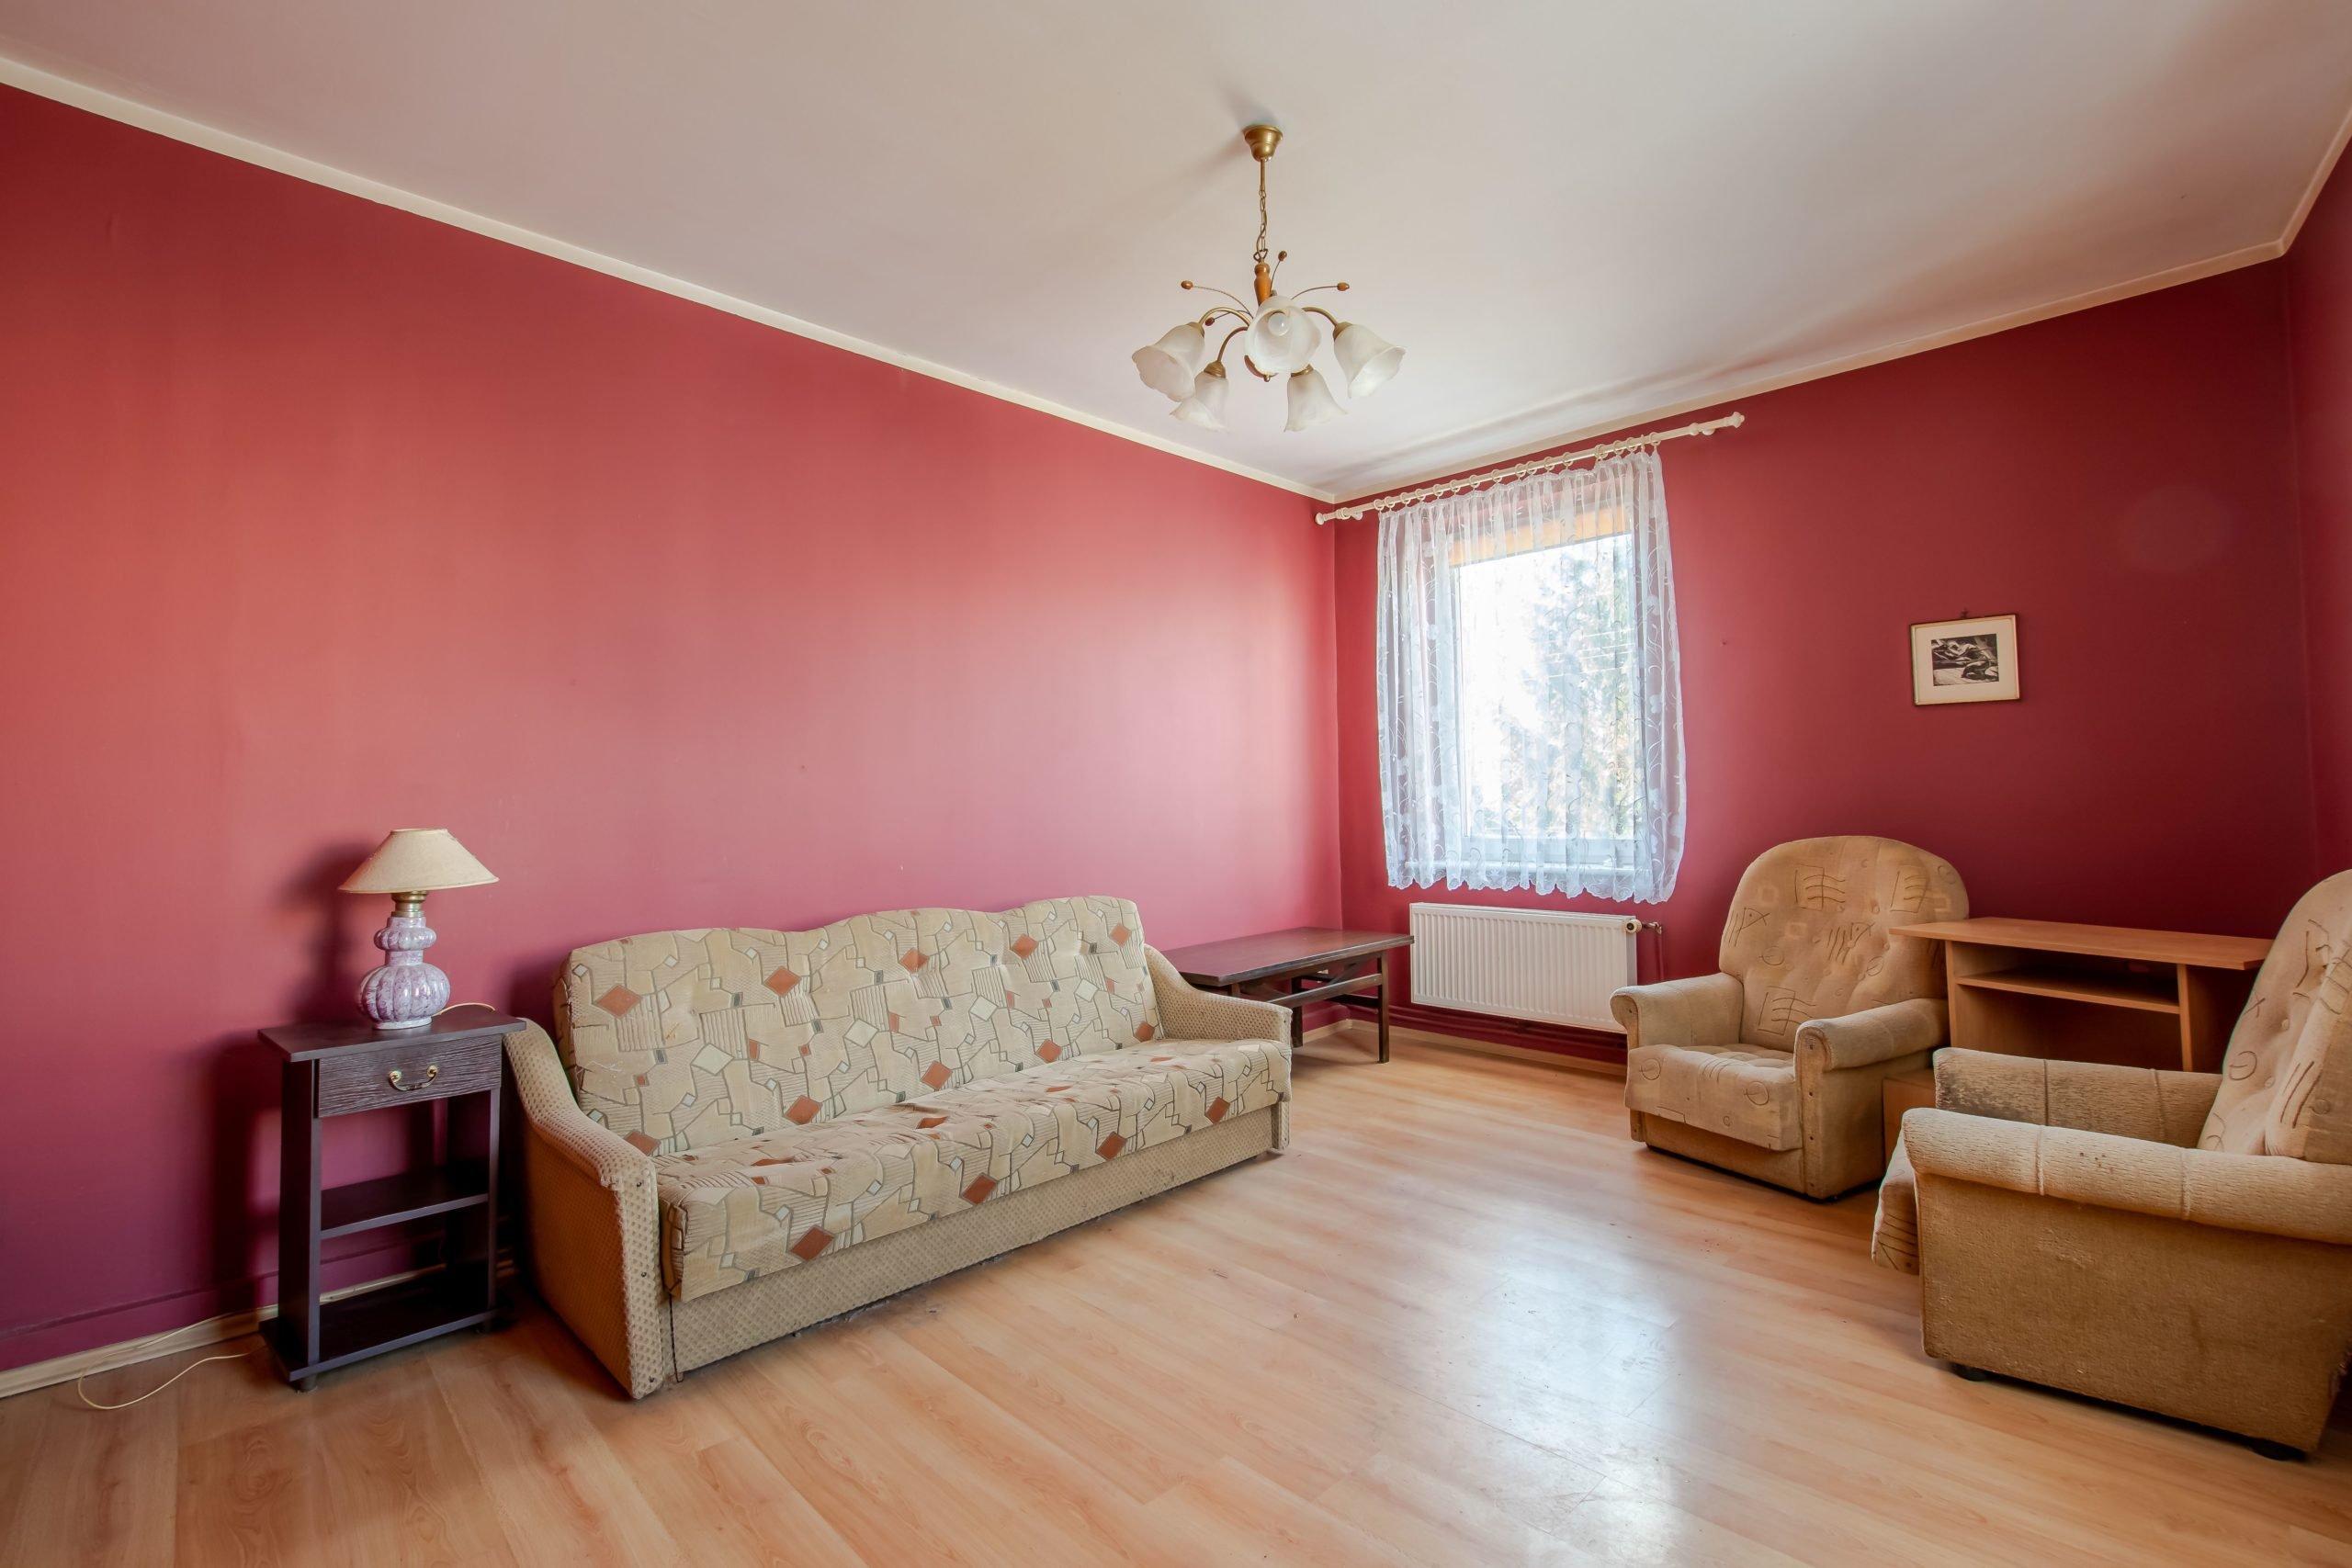 2-pokojowe mieszkanie na sprzedaż, 60 m2, Poznań, Grunwald